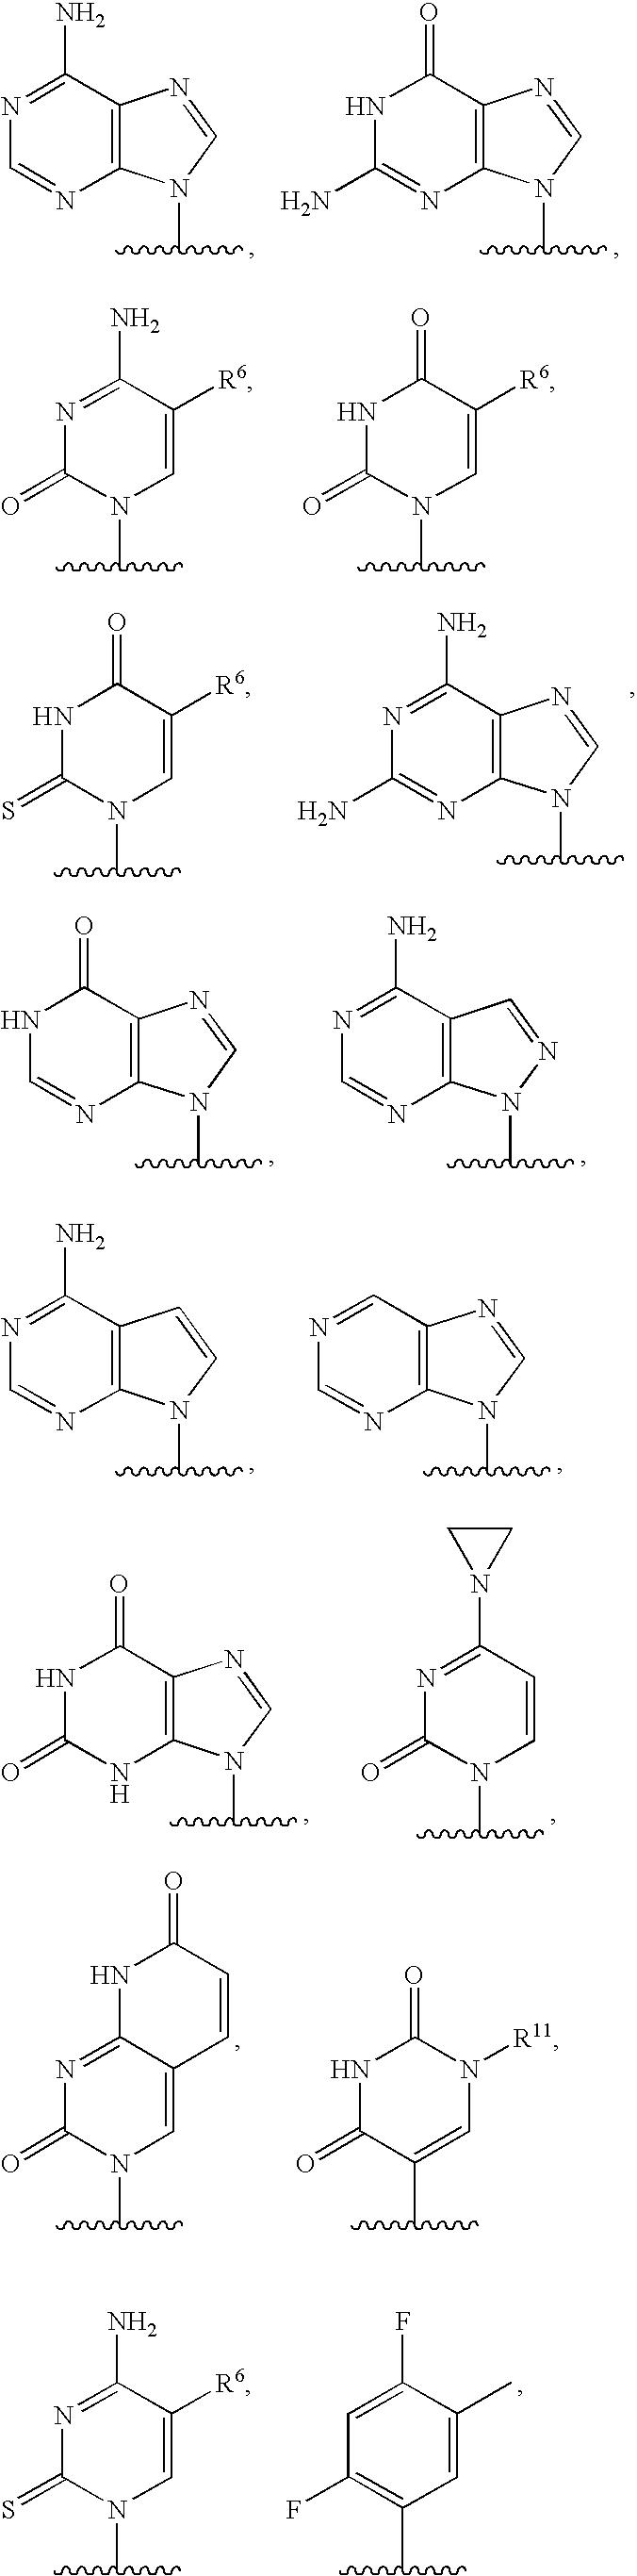 Figure US08470988-20130625-C00120